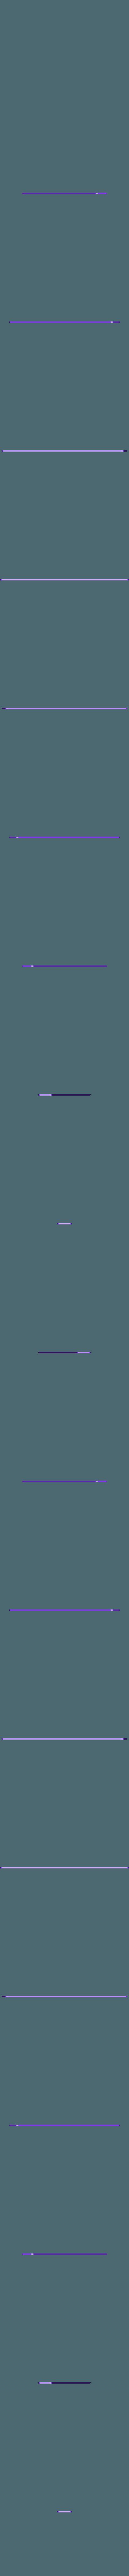 long_handle_guide.stl Download free STL file door handle • 3D printable design, caramellcube